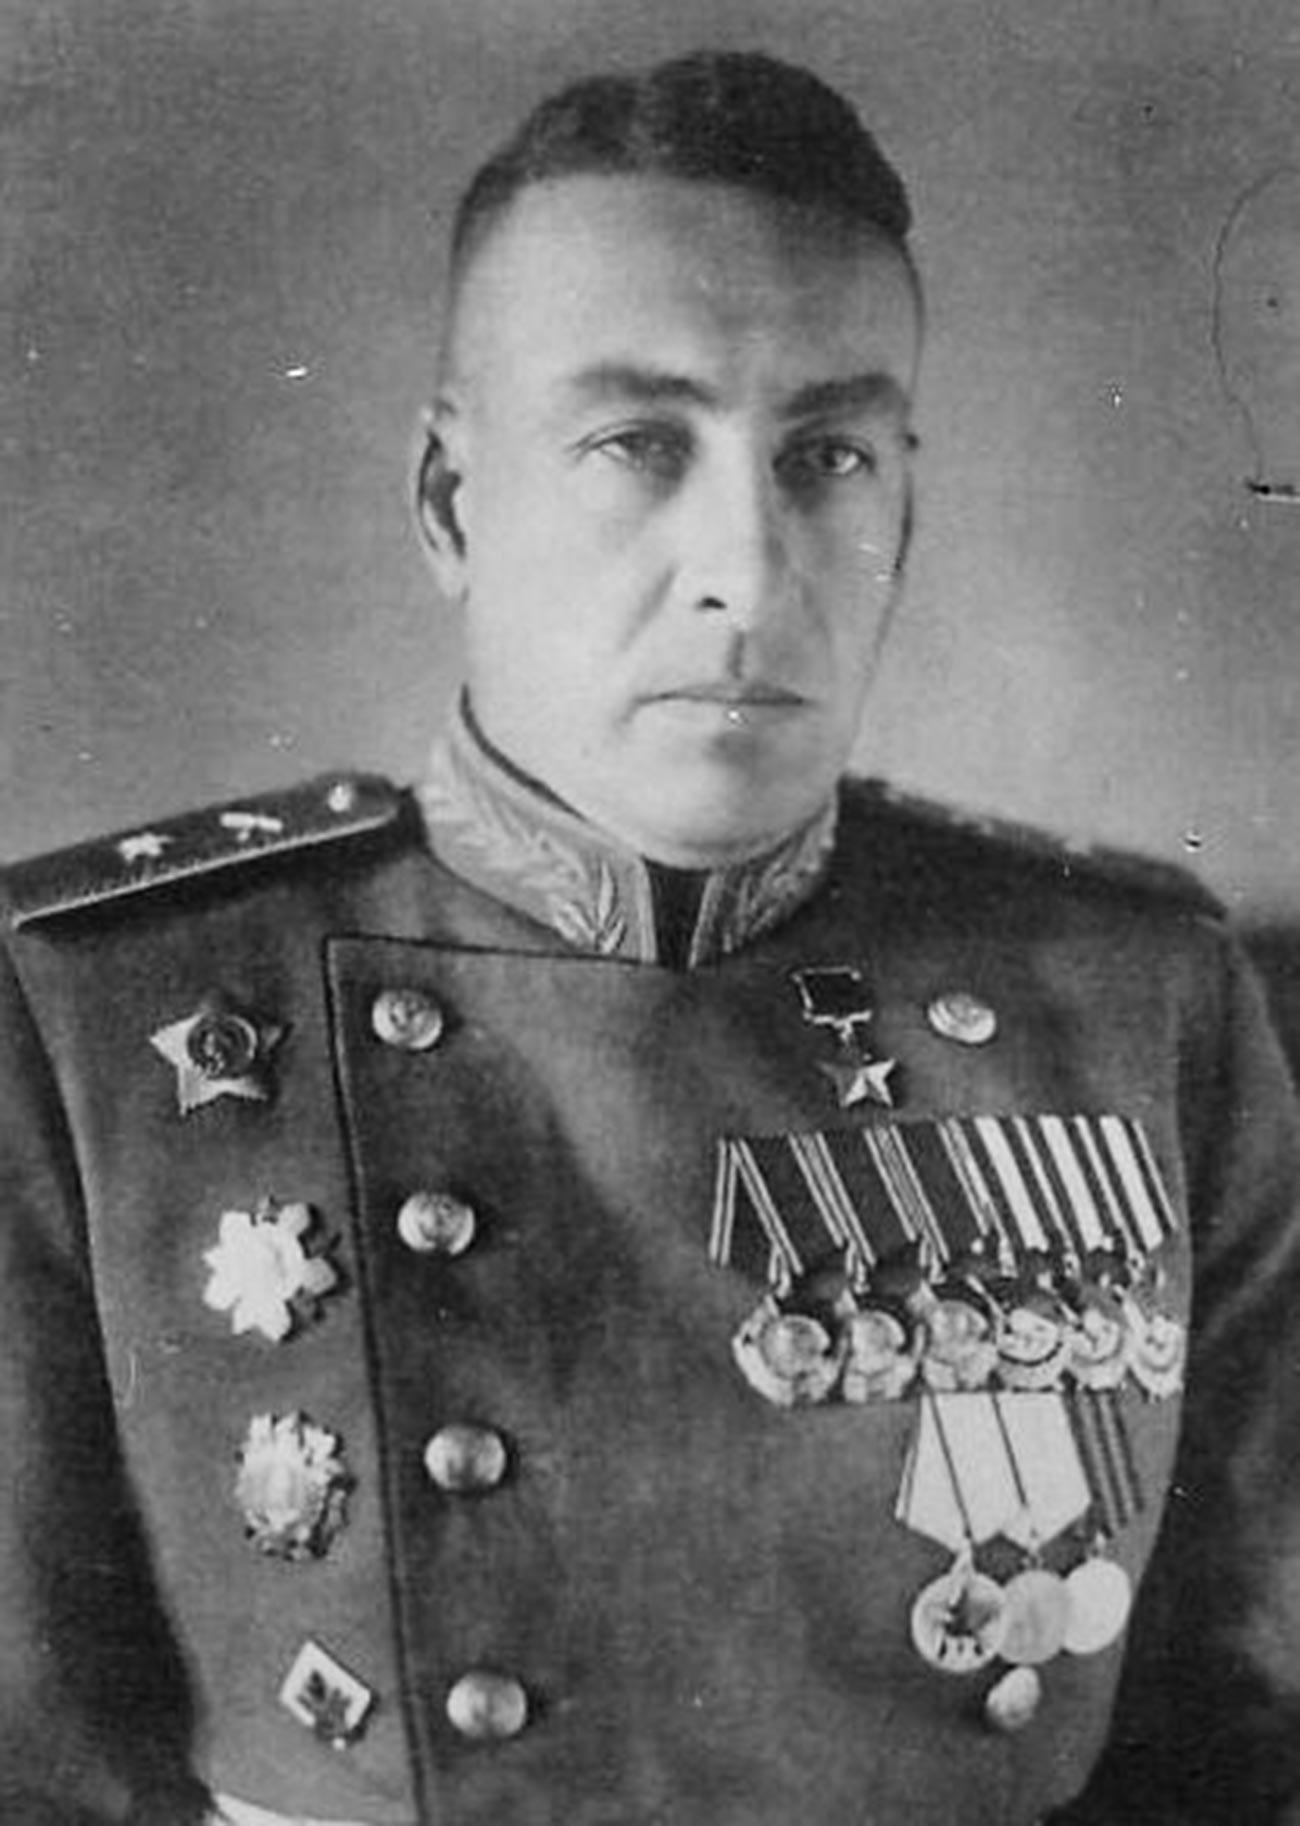 Heroj Sovjetskog Saveza Sergej Sergejevič Volkenštajn